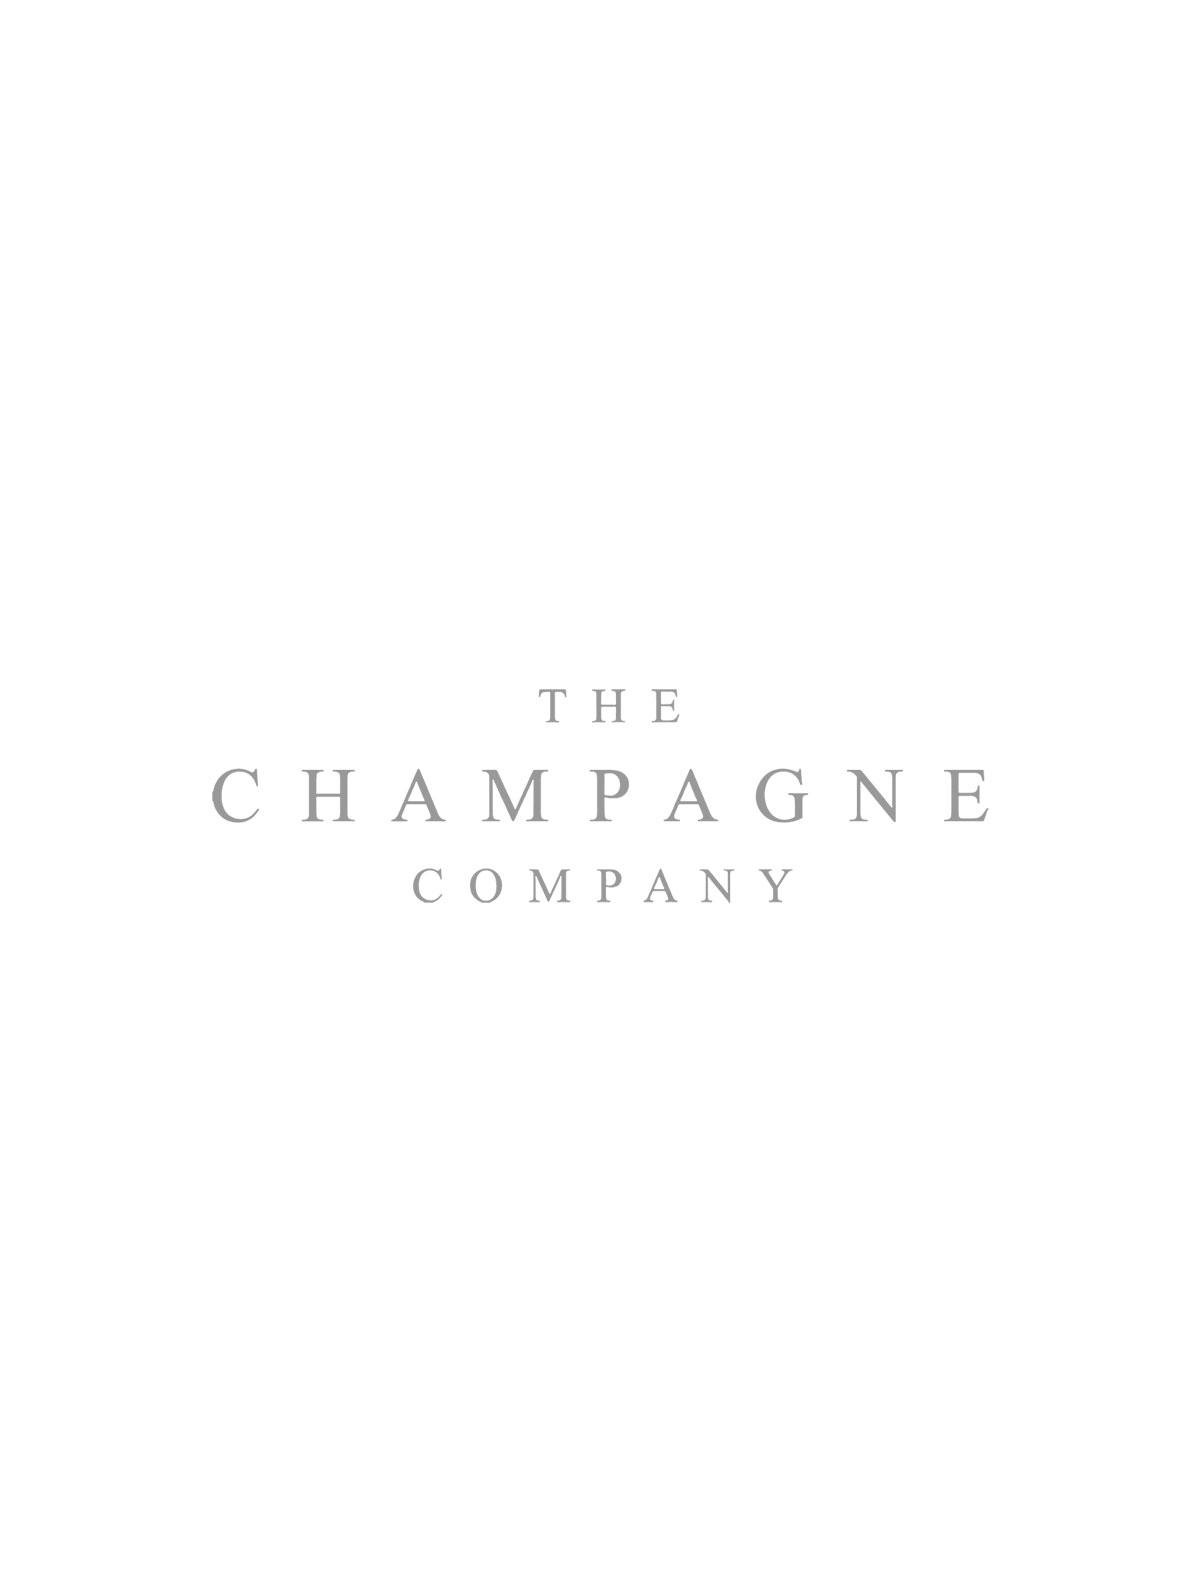 Les Domaniers Rouge OTT Cotes de Provence 2016 Red Wine 75cl